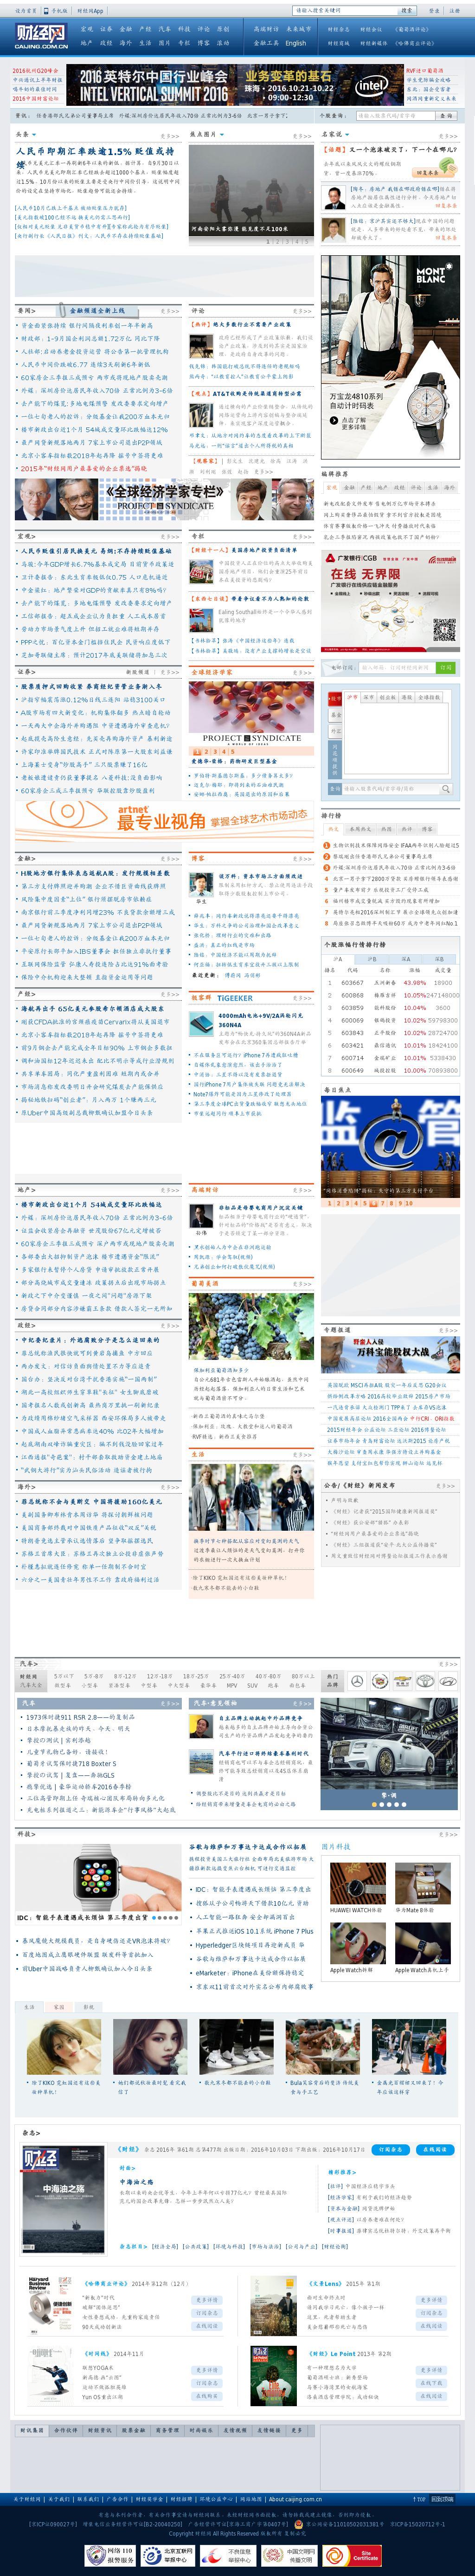 Caijing at Tuesday Oct. 25, 2016, 12:01 p.m. UTC